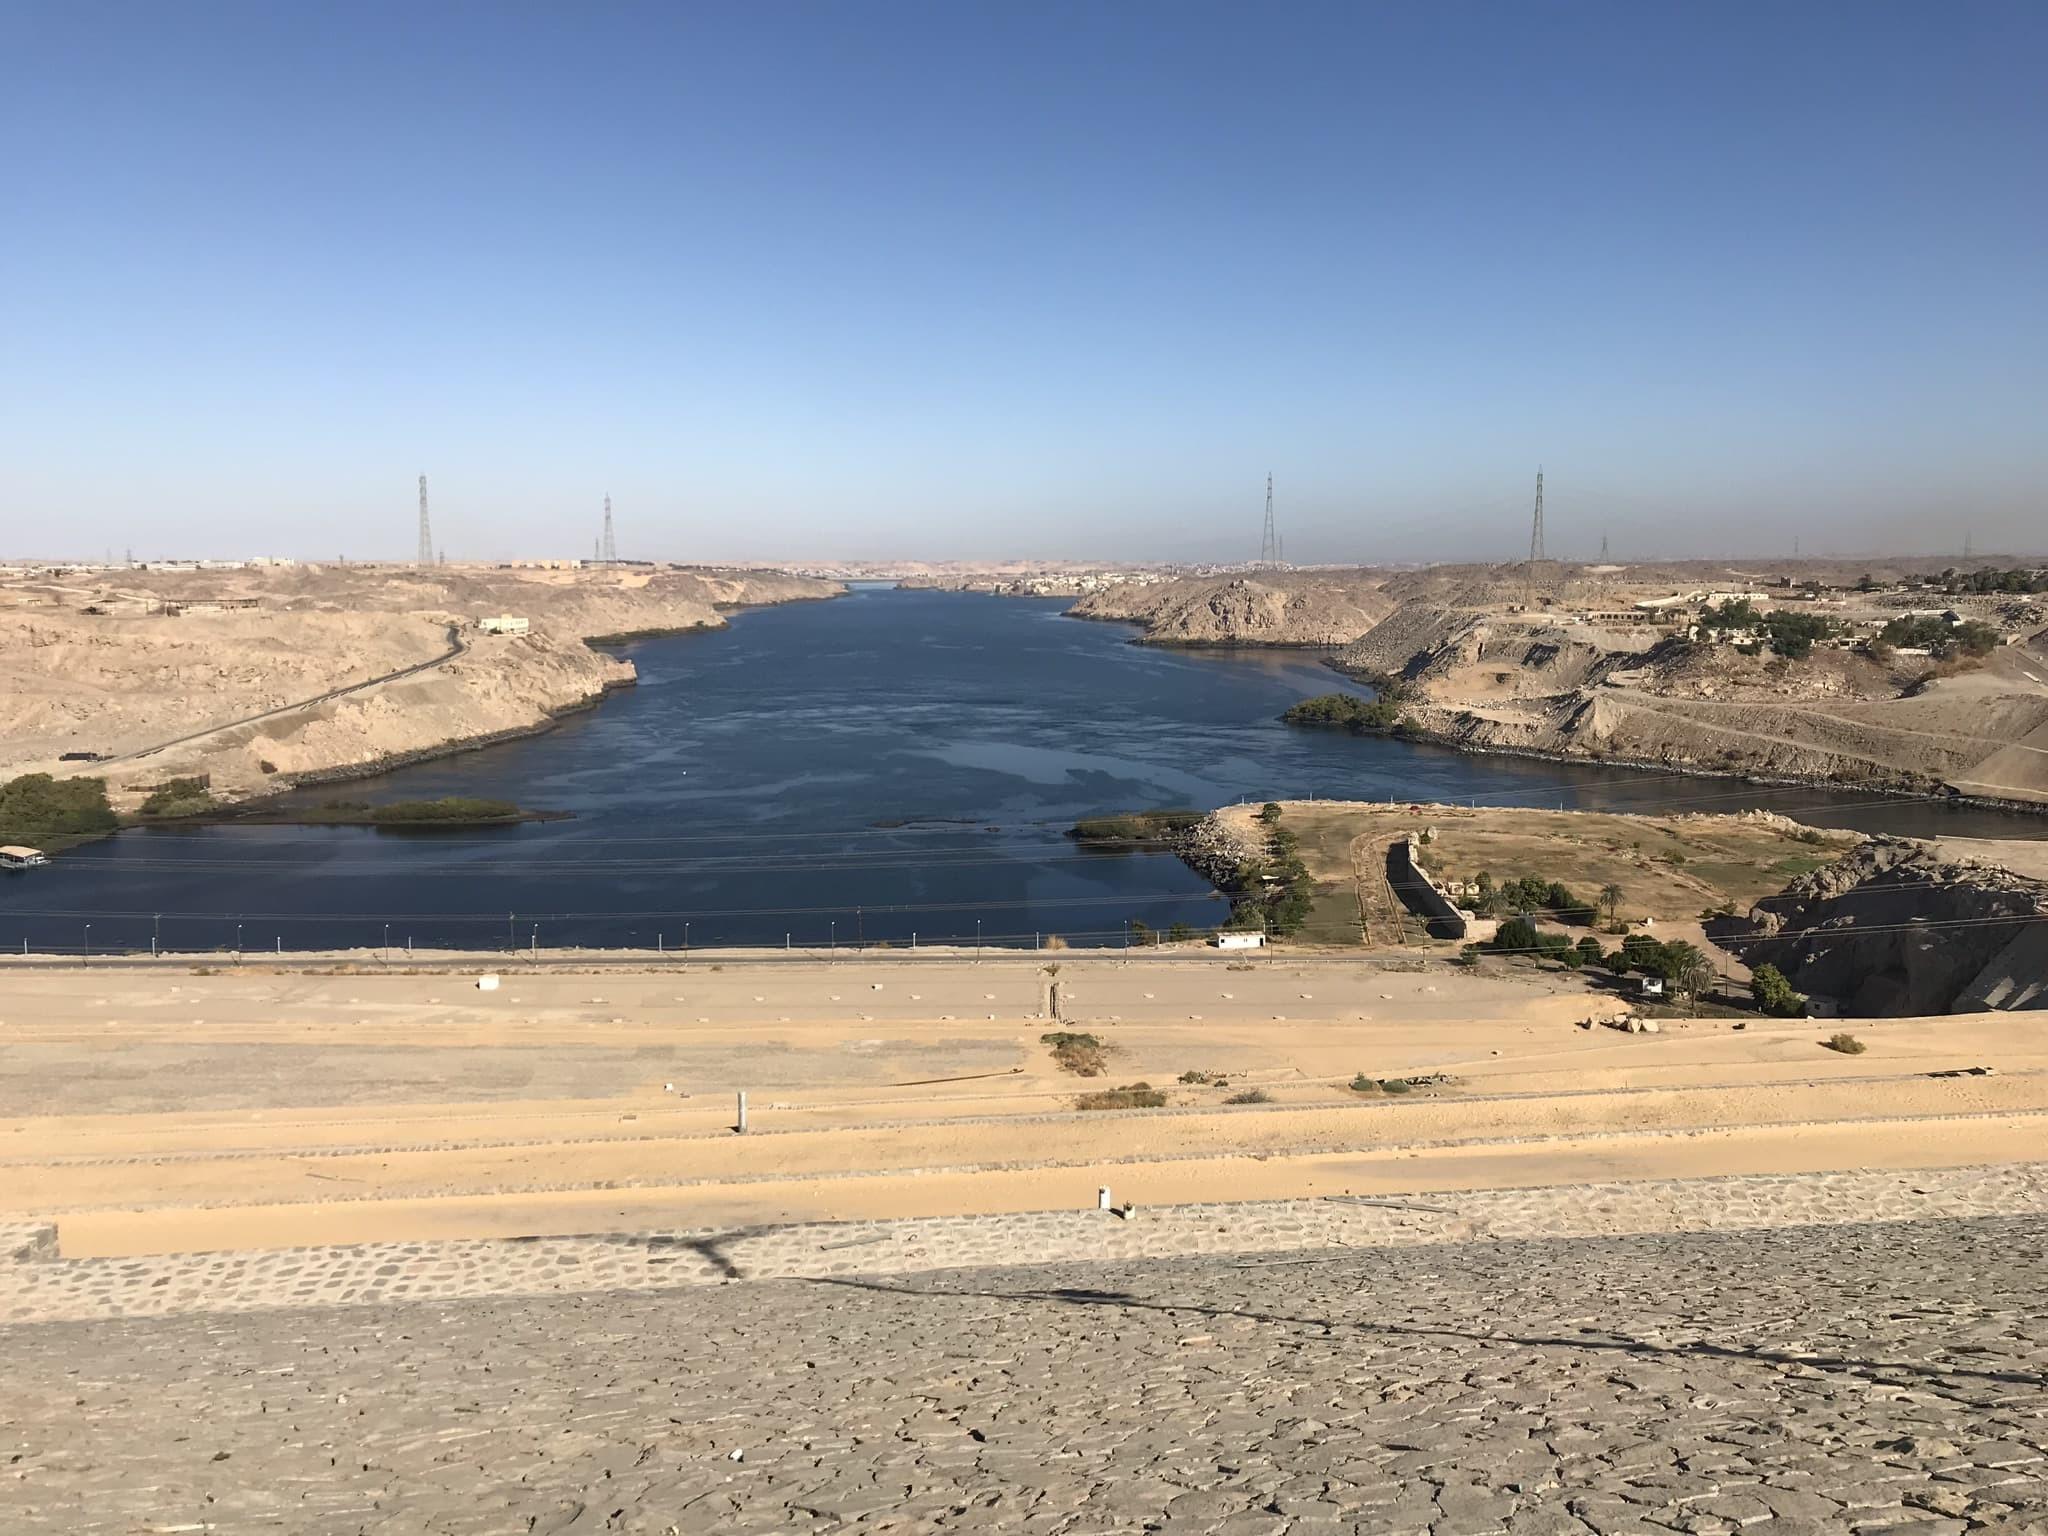 Vue du Haut Barrage sur le Nil à Assouan en voyage en Égypte